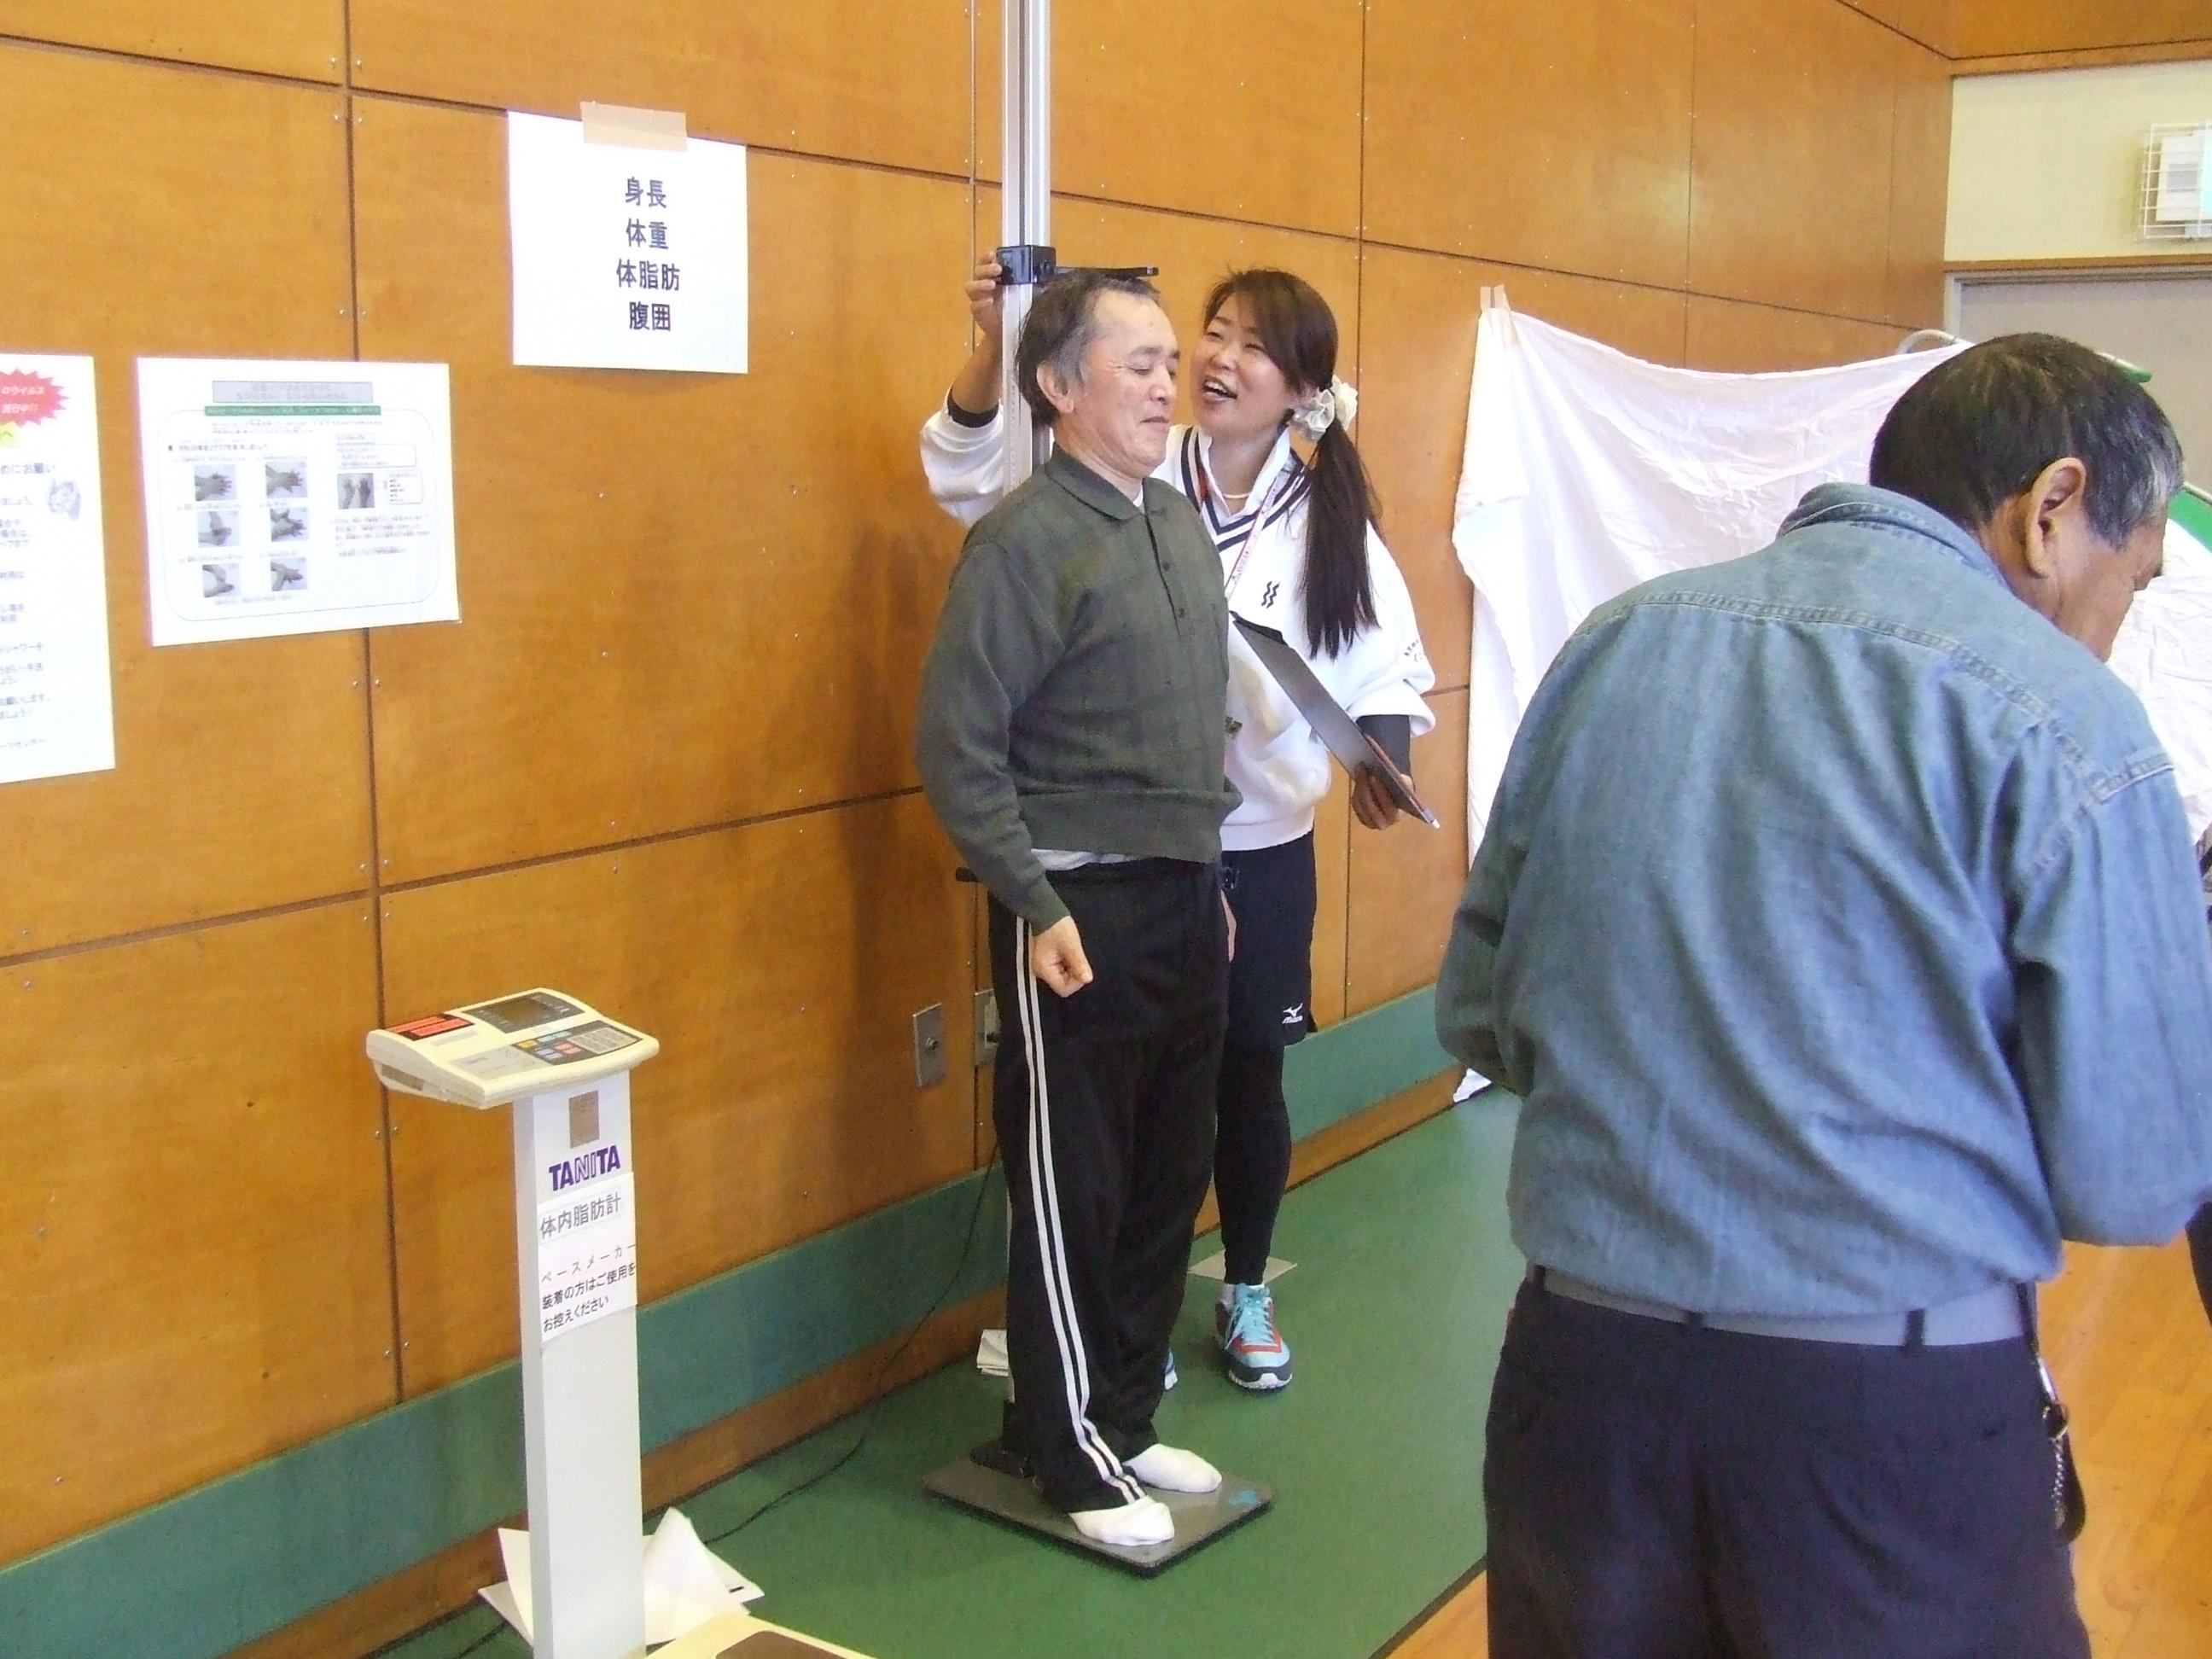 sokutei 2 - 健康運動指導士・介護予防運動指導員による体力測定